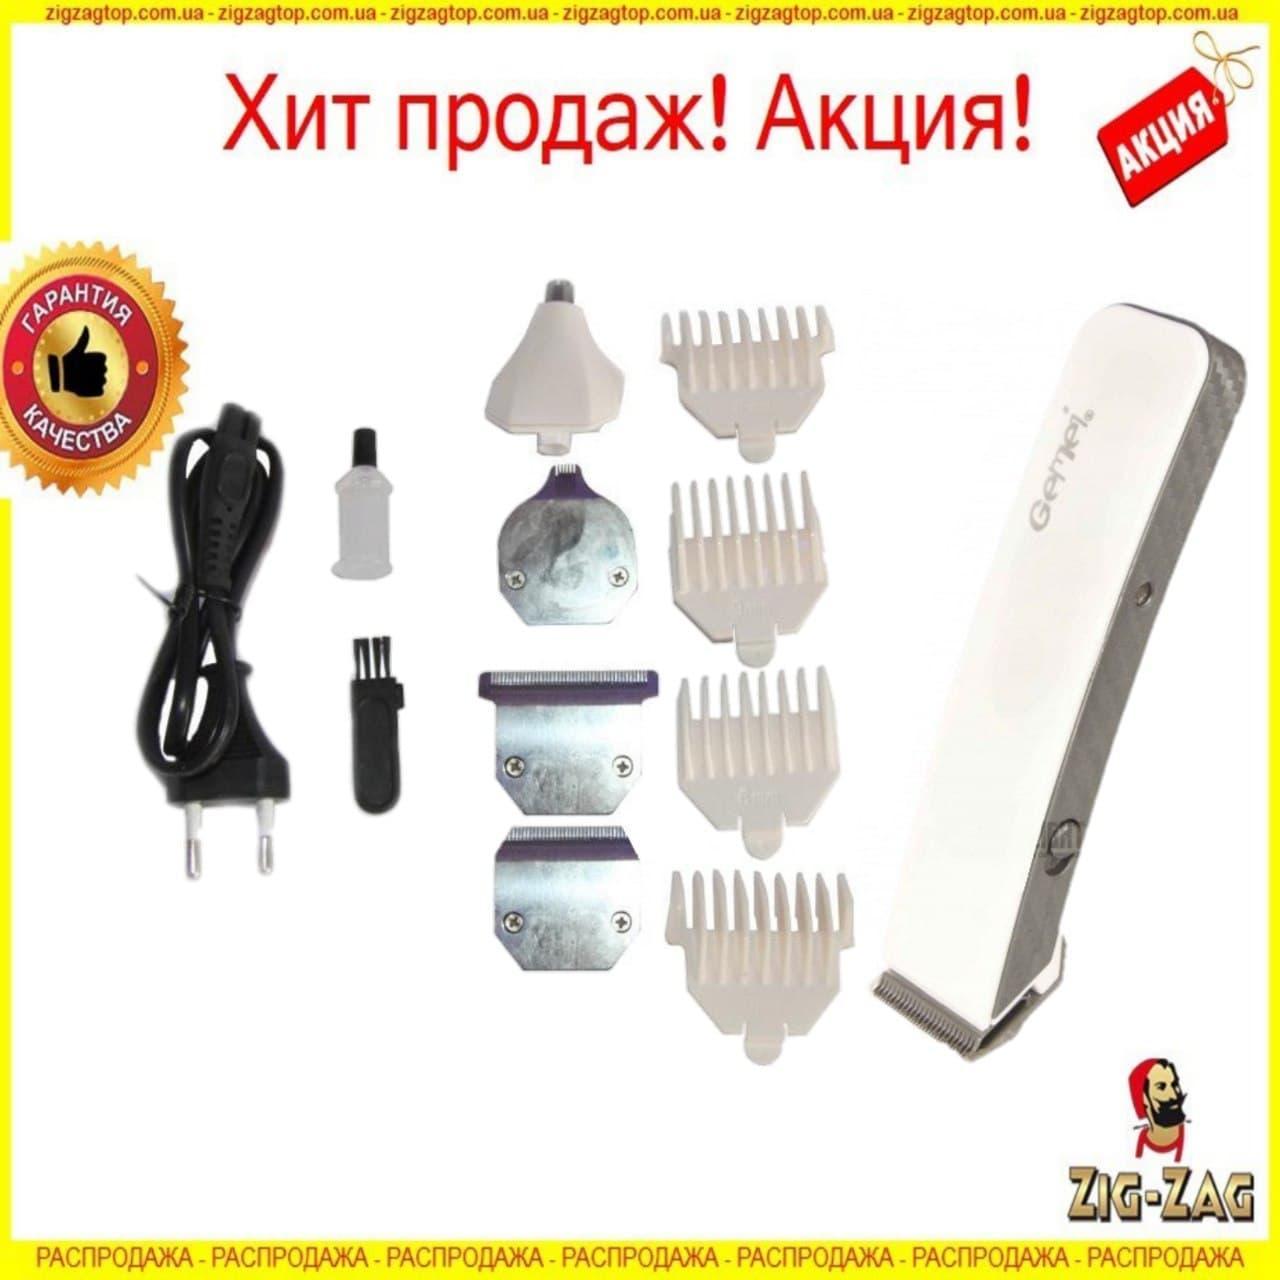 Профессиональная Машинка GEMEI GM - 586 4в1 для стрижки волос и бороды носа триммер бритва, тример